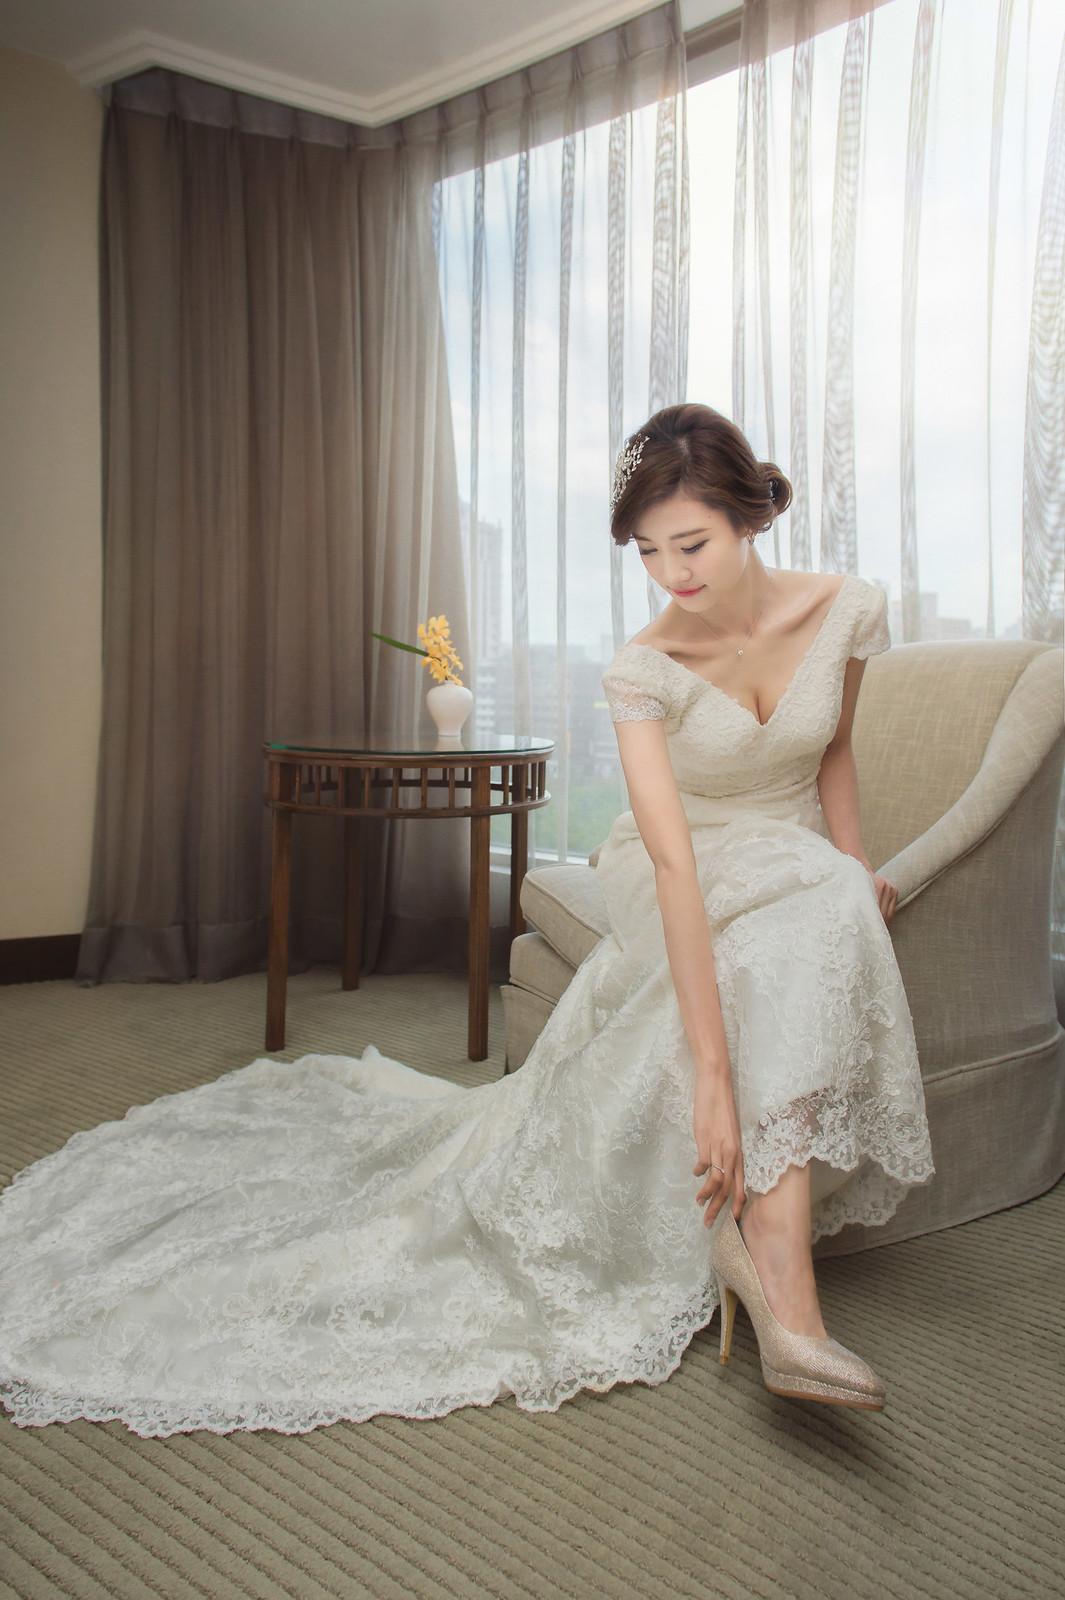 台北婚攝, 婚禮攝影, 婚攝, 婚攝守恆, 婚攝推薦, 晶華酒店, 晶華酒店婚宴, 晶華酒店婚攝-15